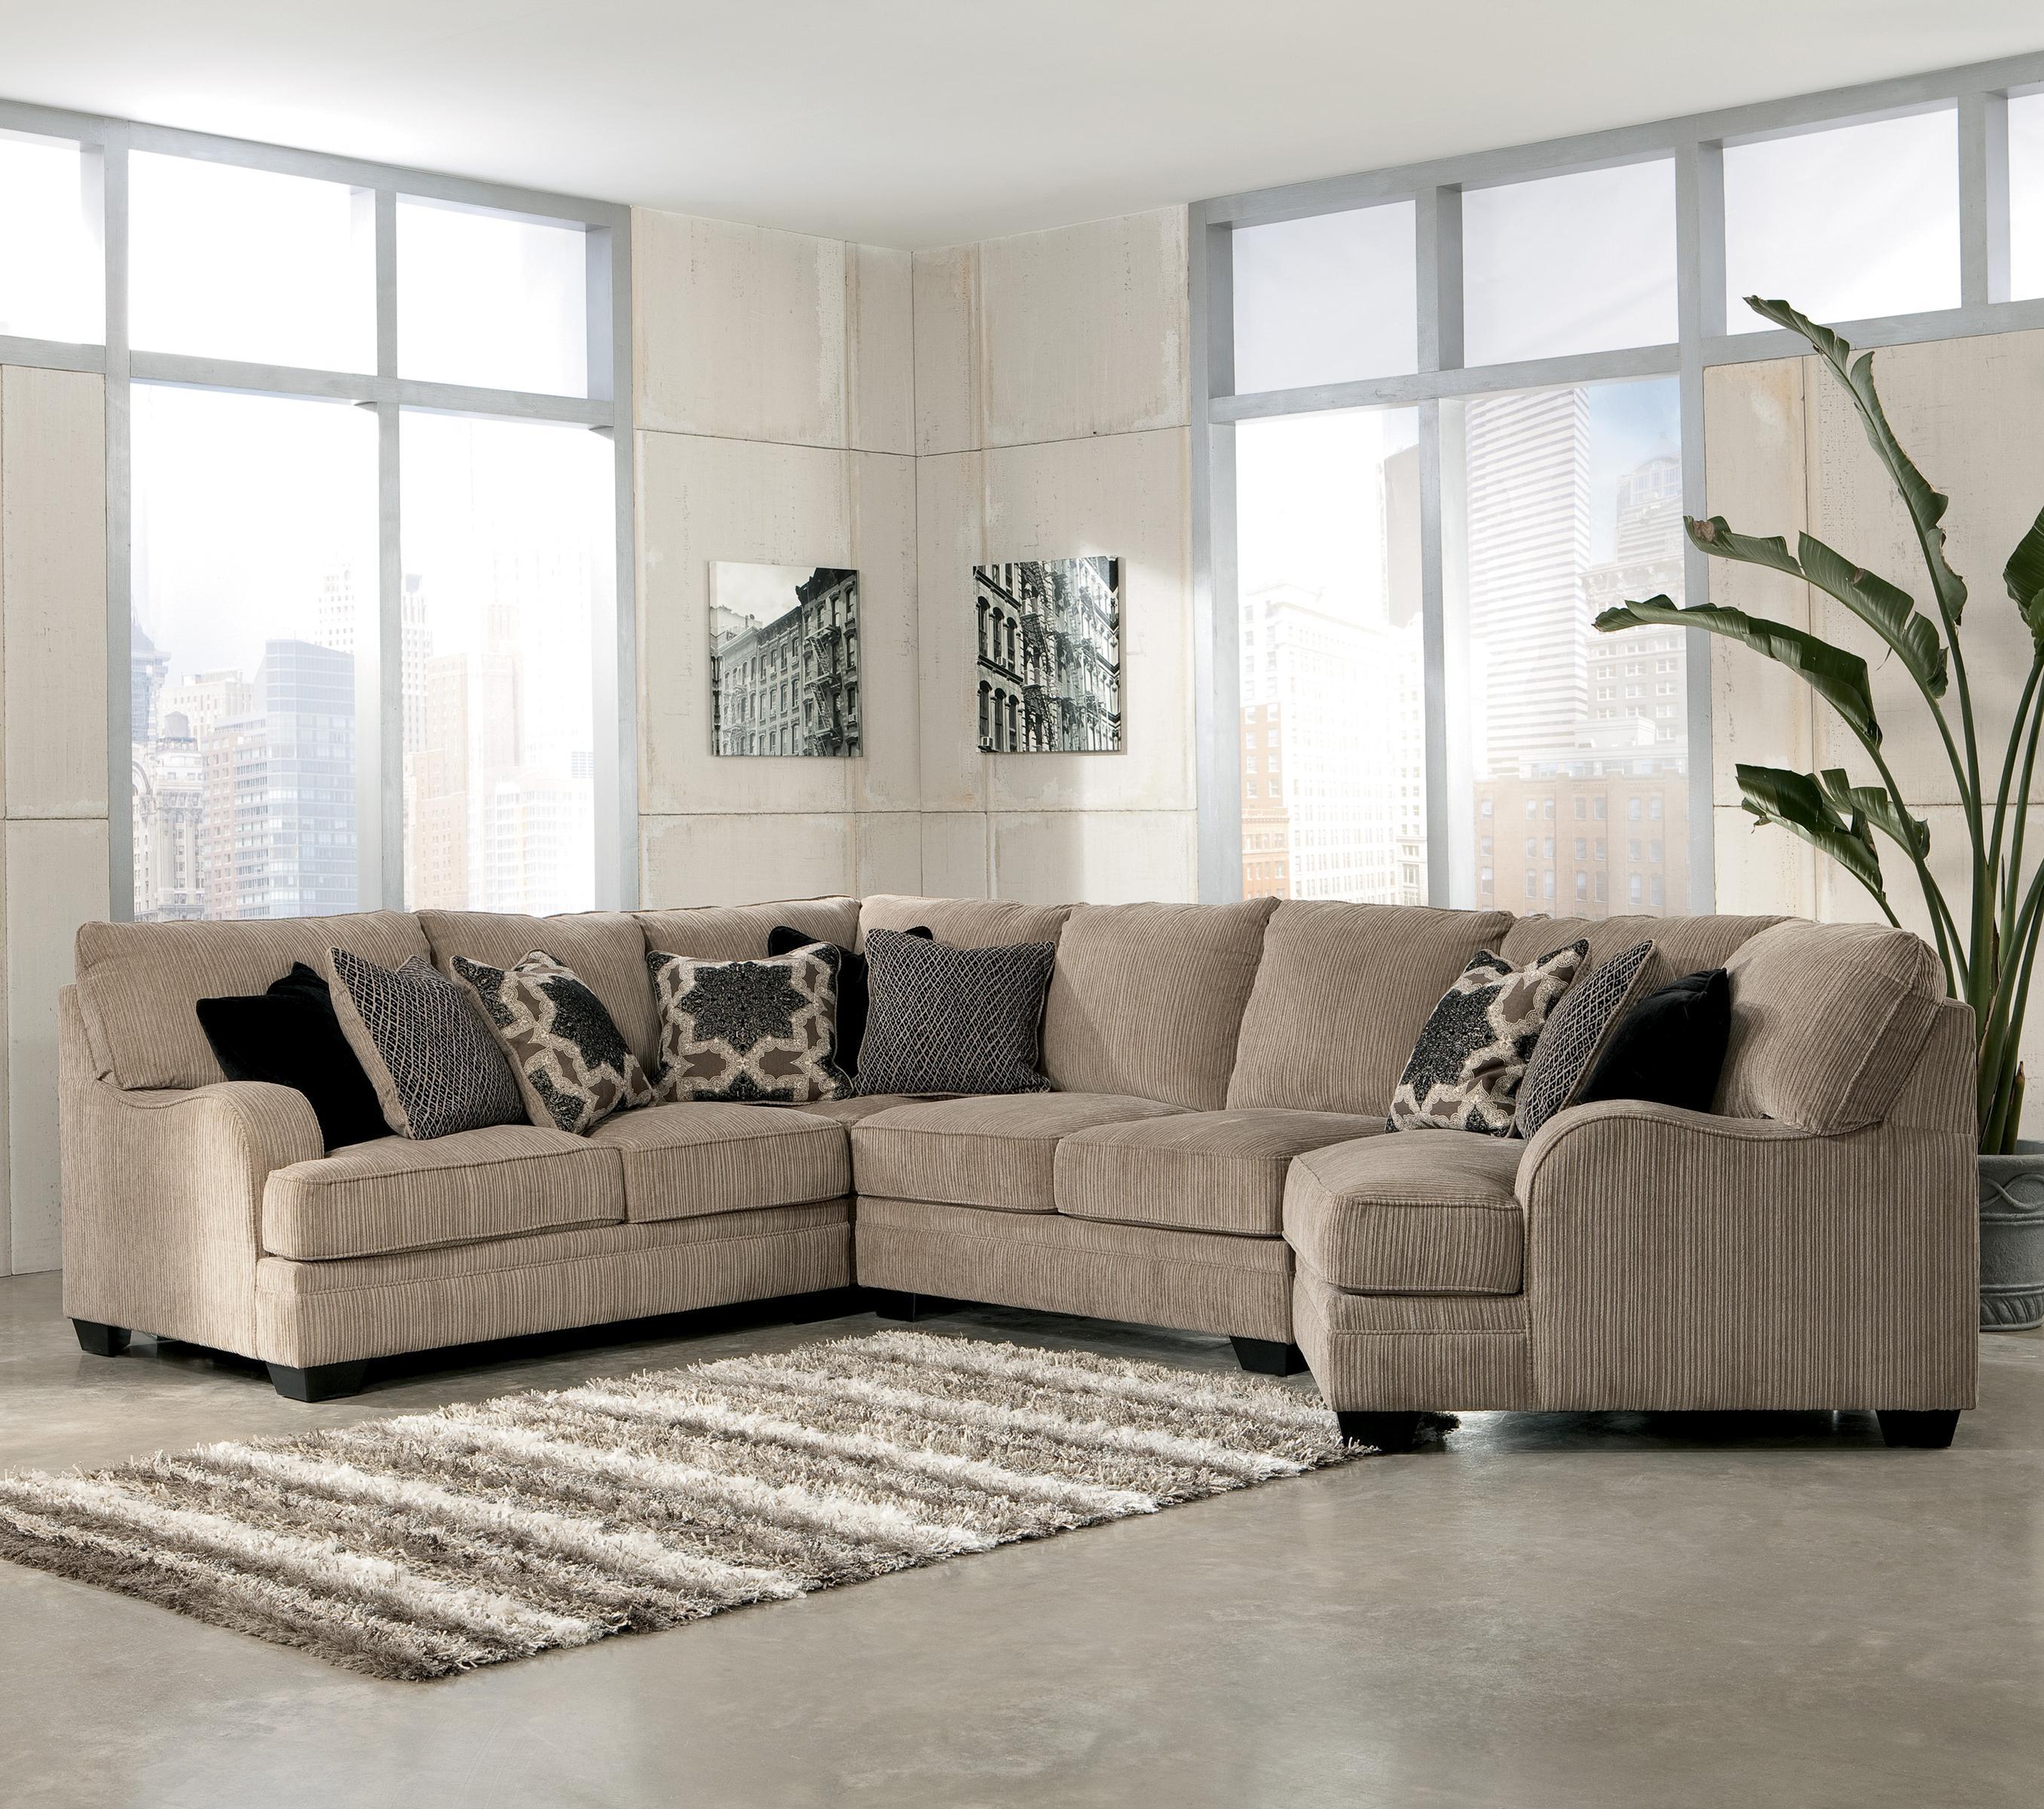 Signature Designashley Katisha – Platinum 5 Piece Sectional In Ashley Corduroy Sectional Sofas (Image 12 of 20)